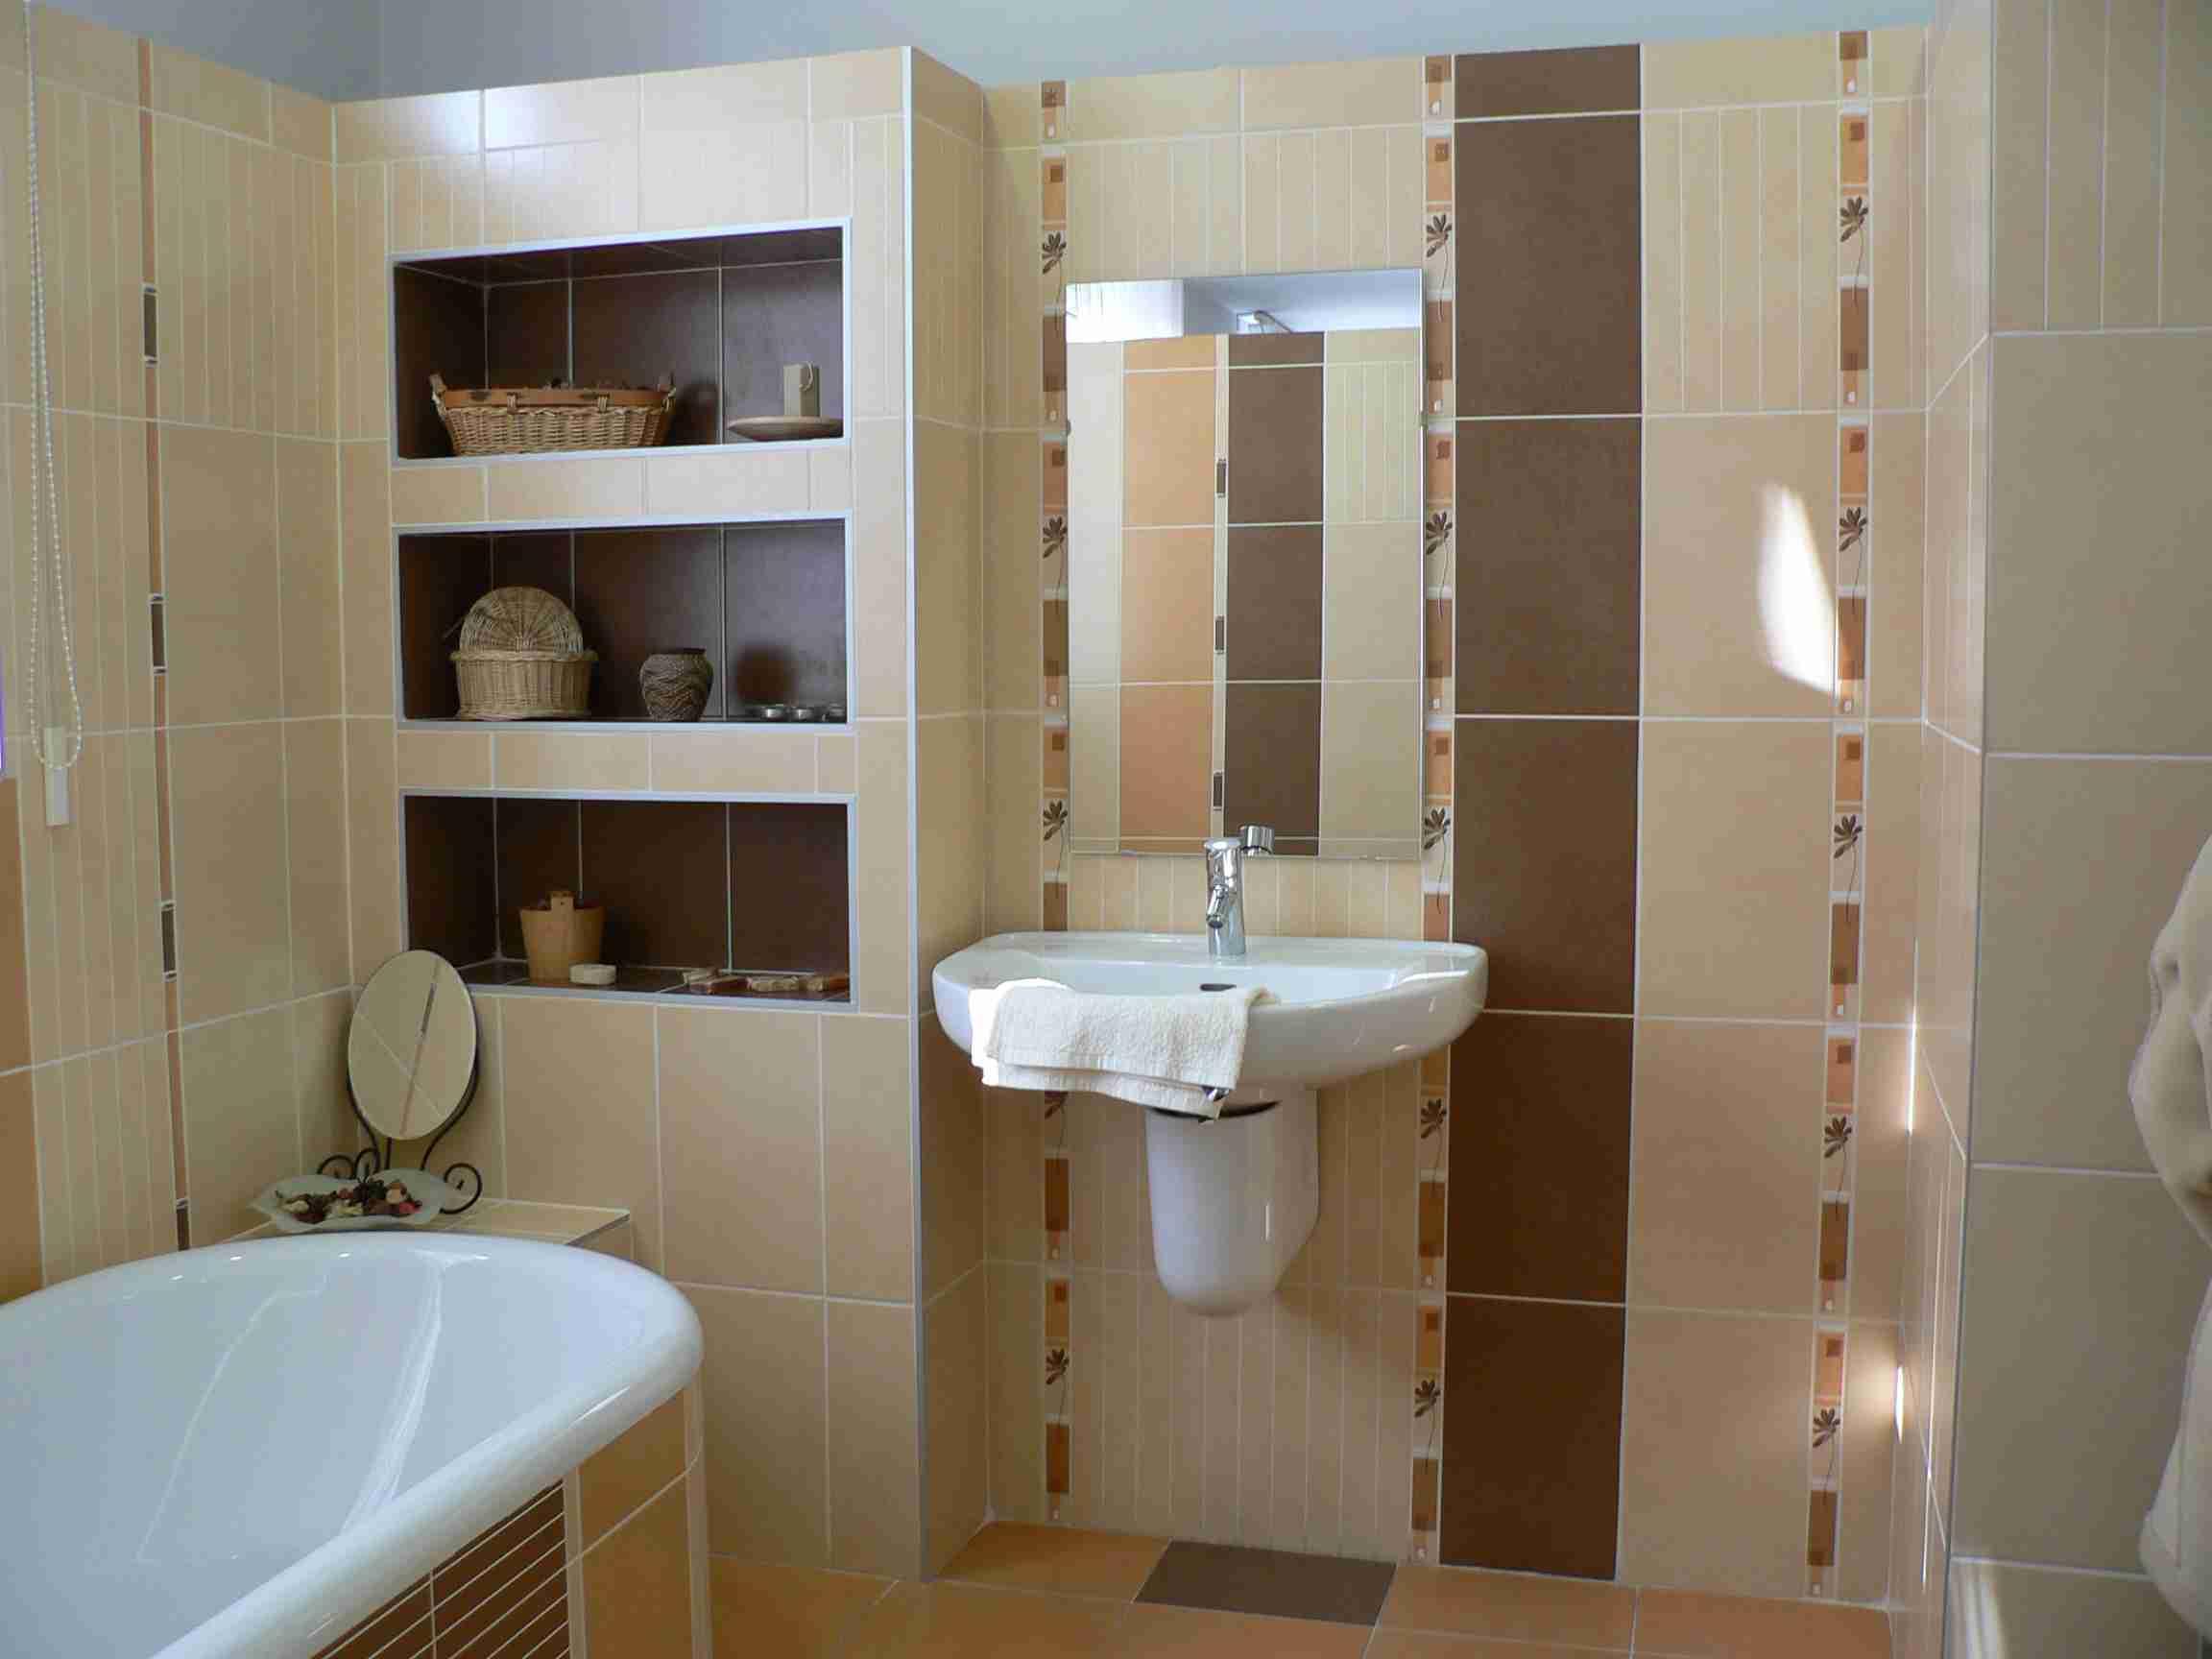 Fürdőszoba szalon mustra: Cadiz varázsa - Fürdőszoba Titkok